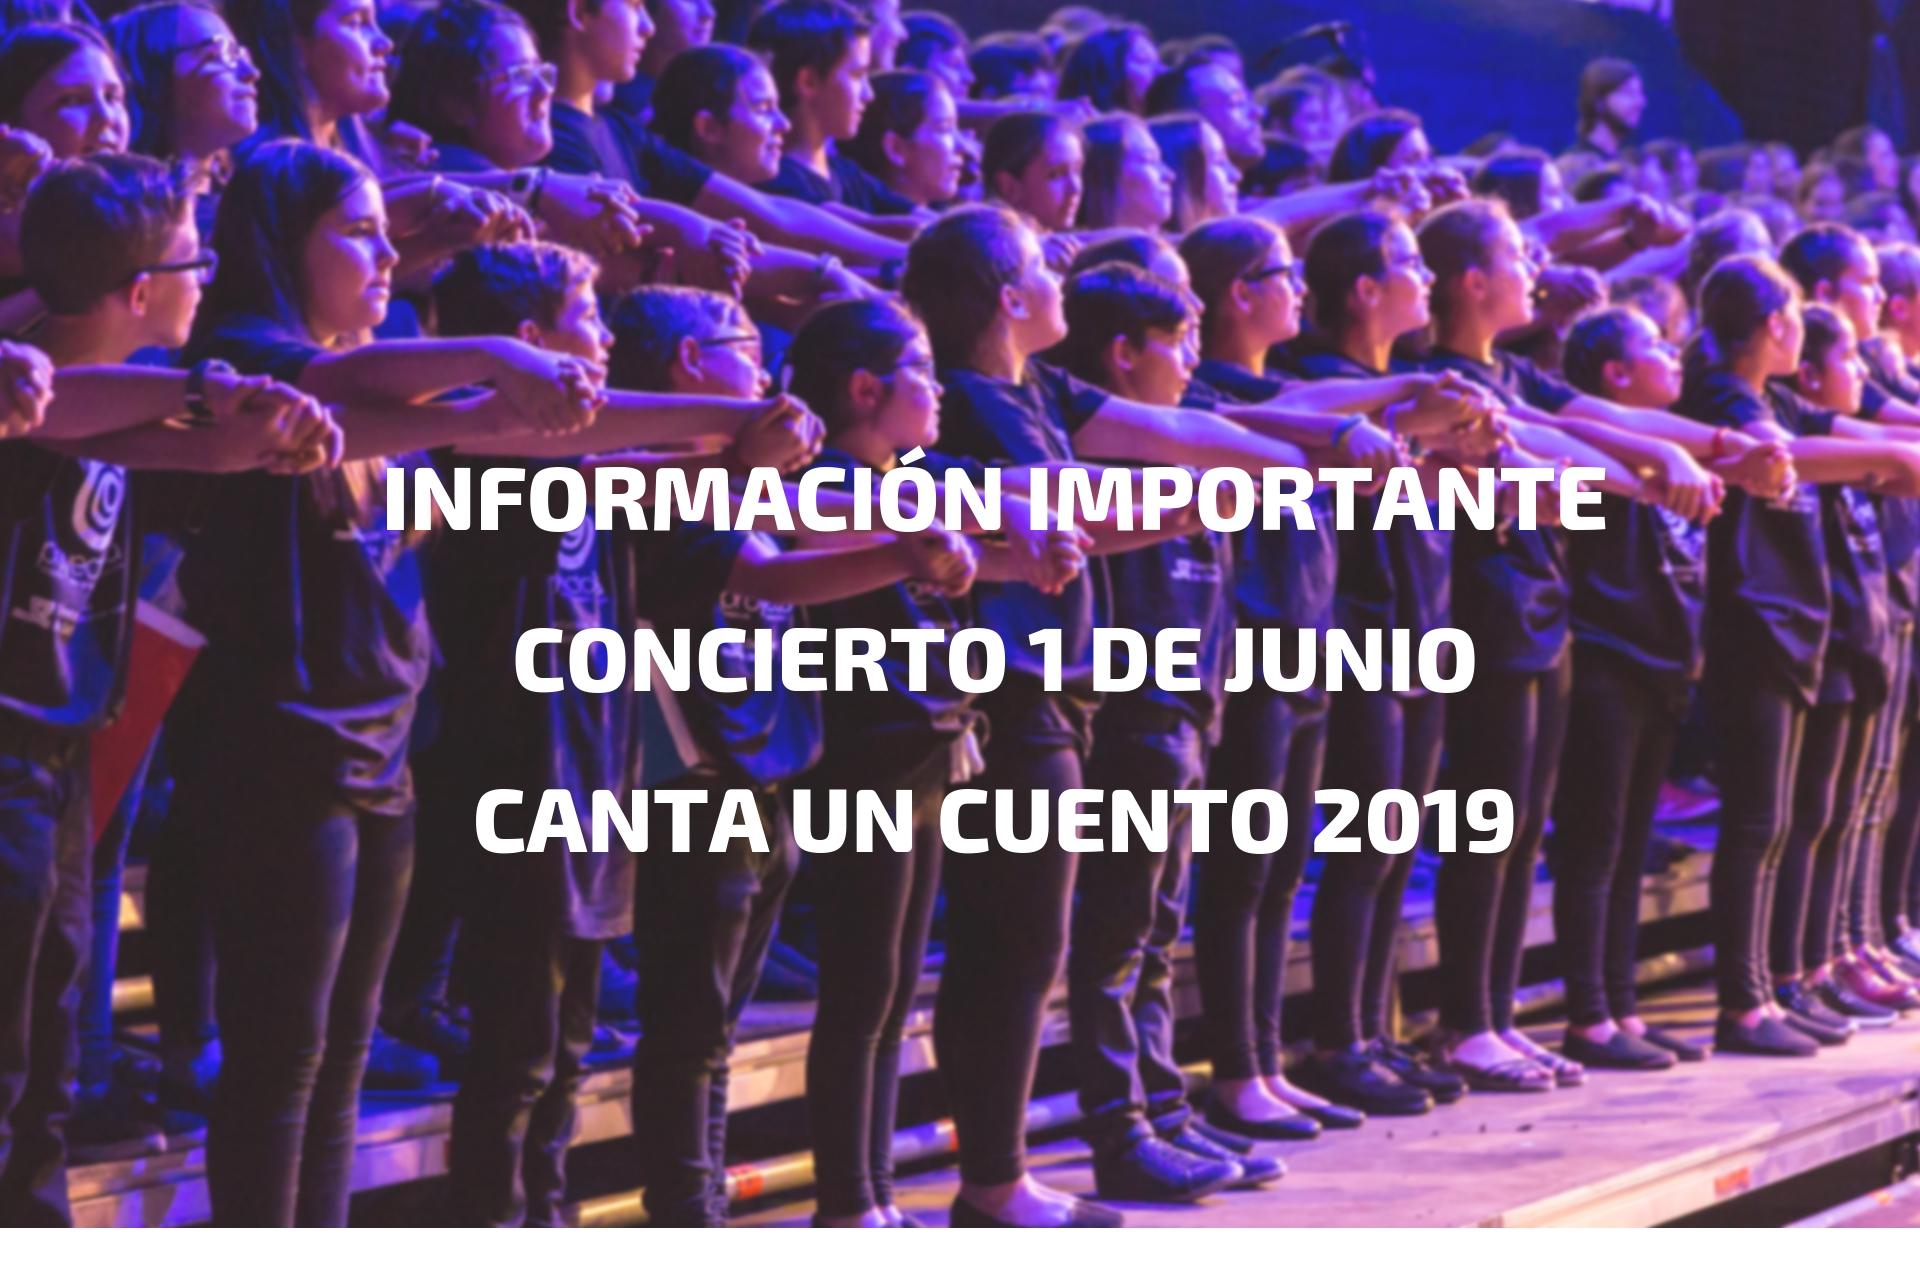 Información Concierto 1 de junio